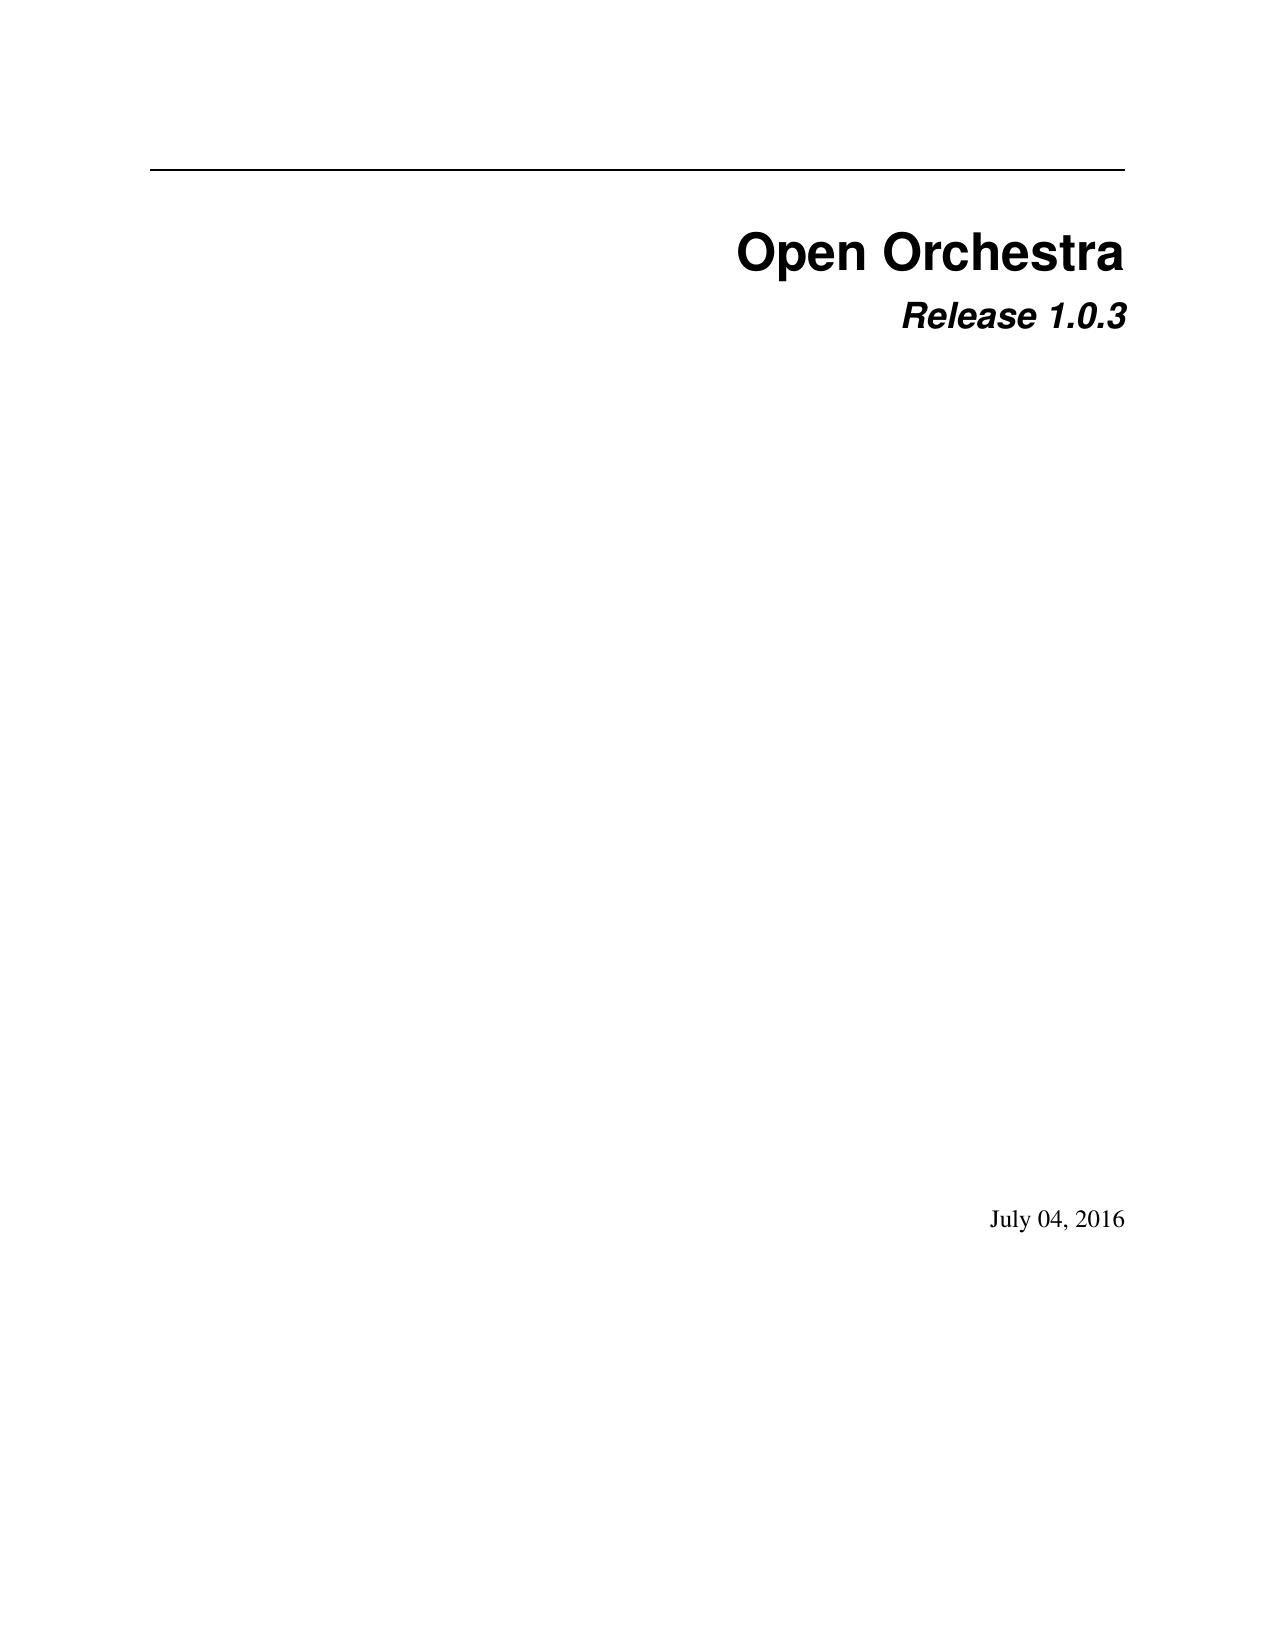 Open Orchestra - Read the Docs | manualzz com